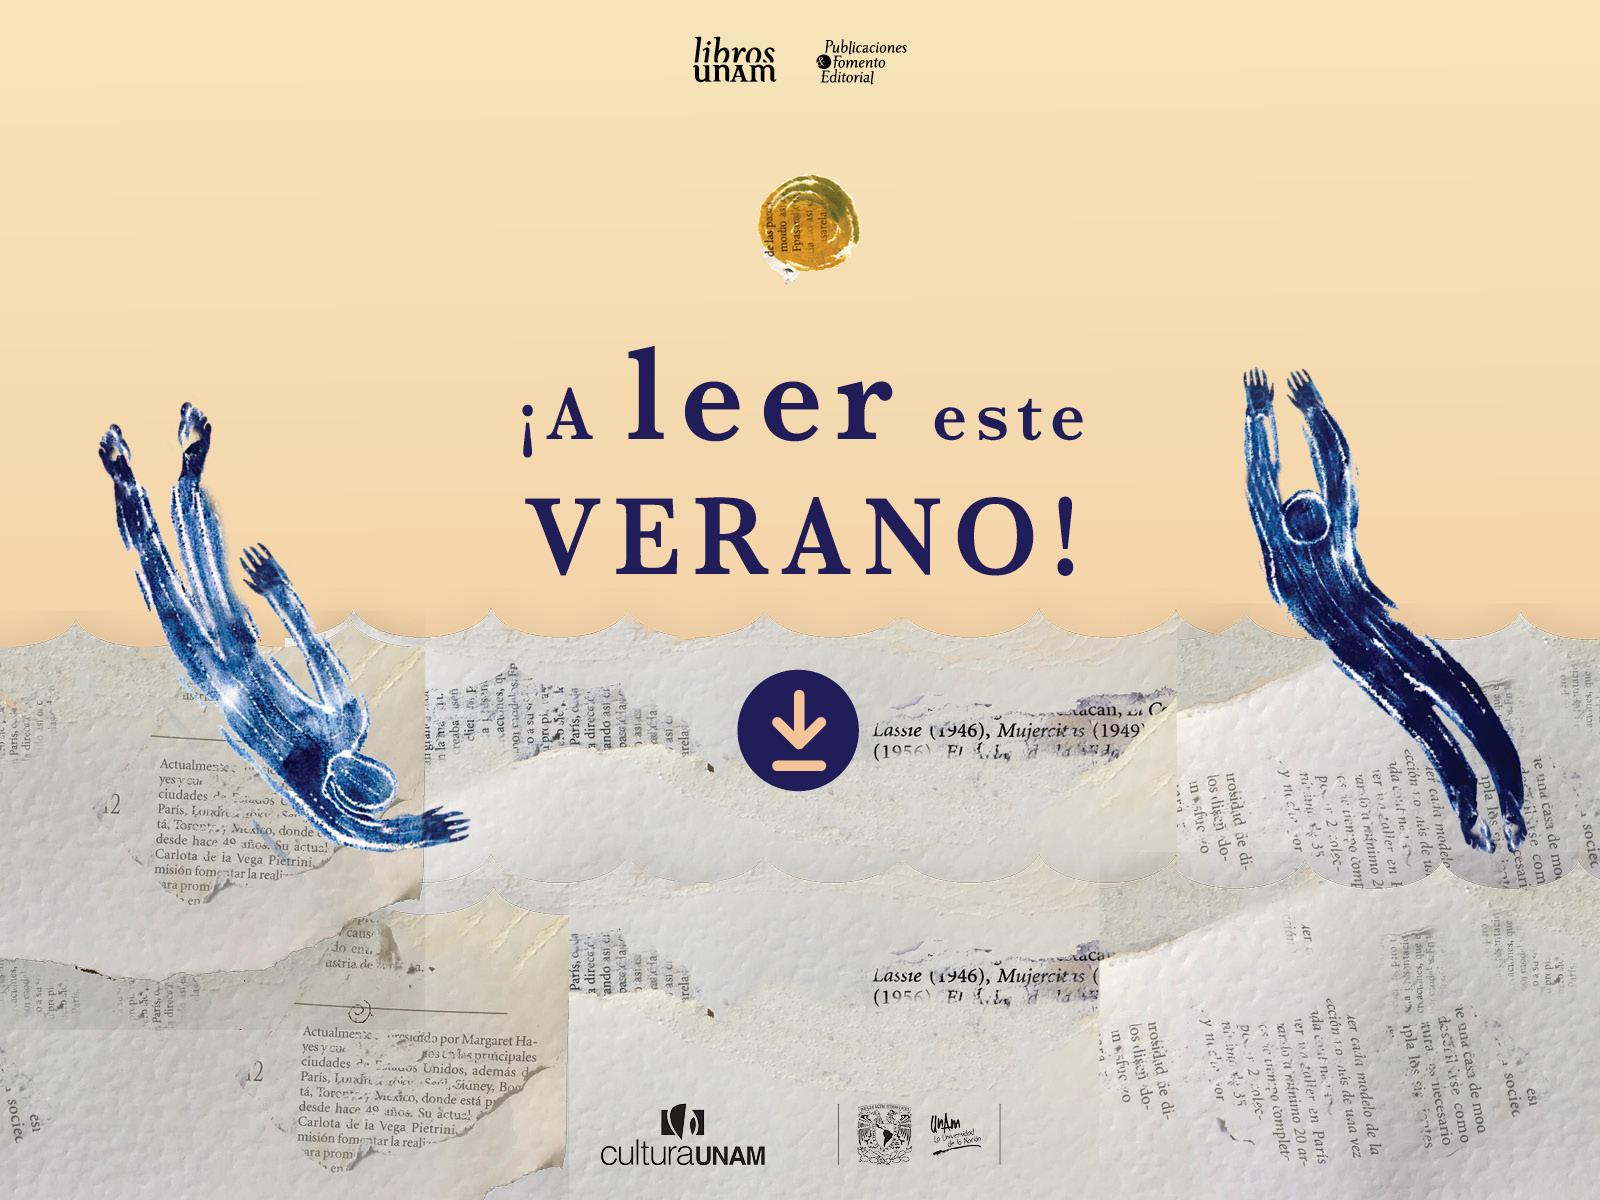 Suplemento del junio 2020 - Publicaciones Libros UNAM